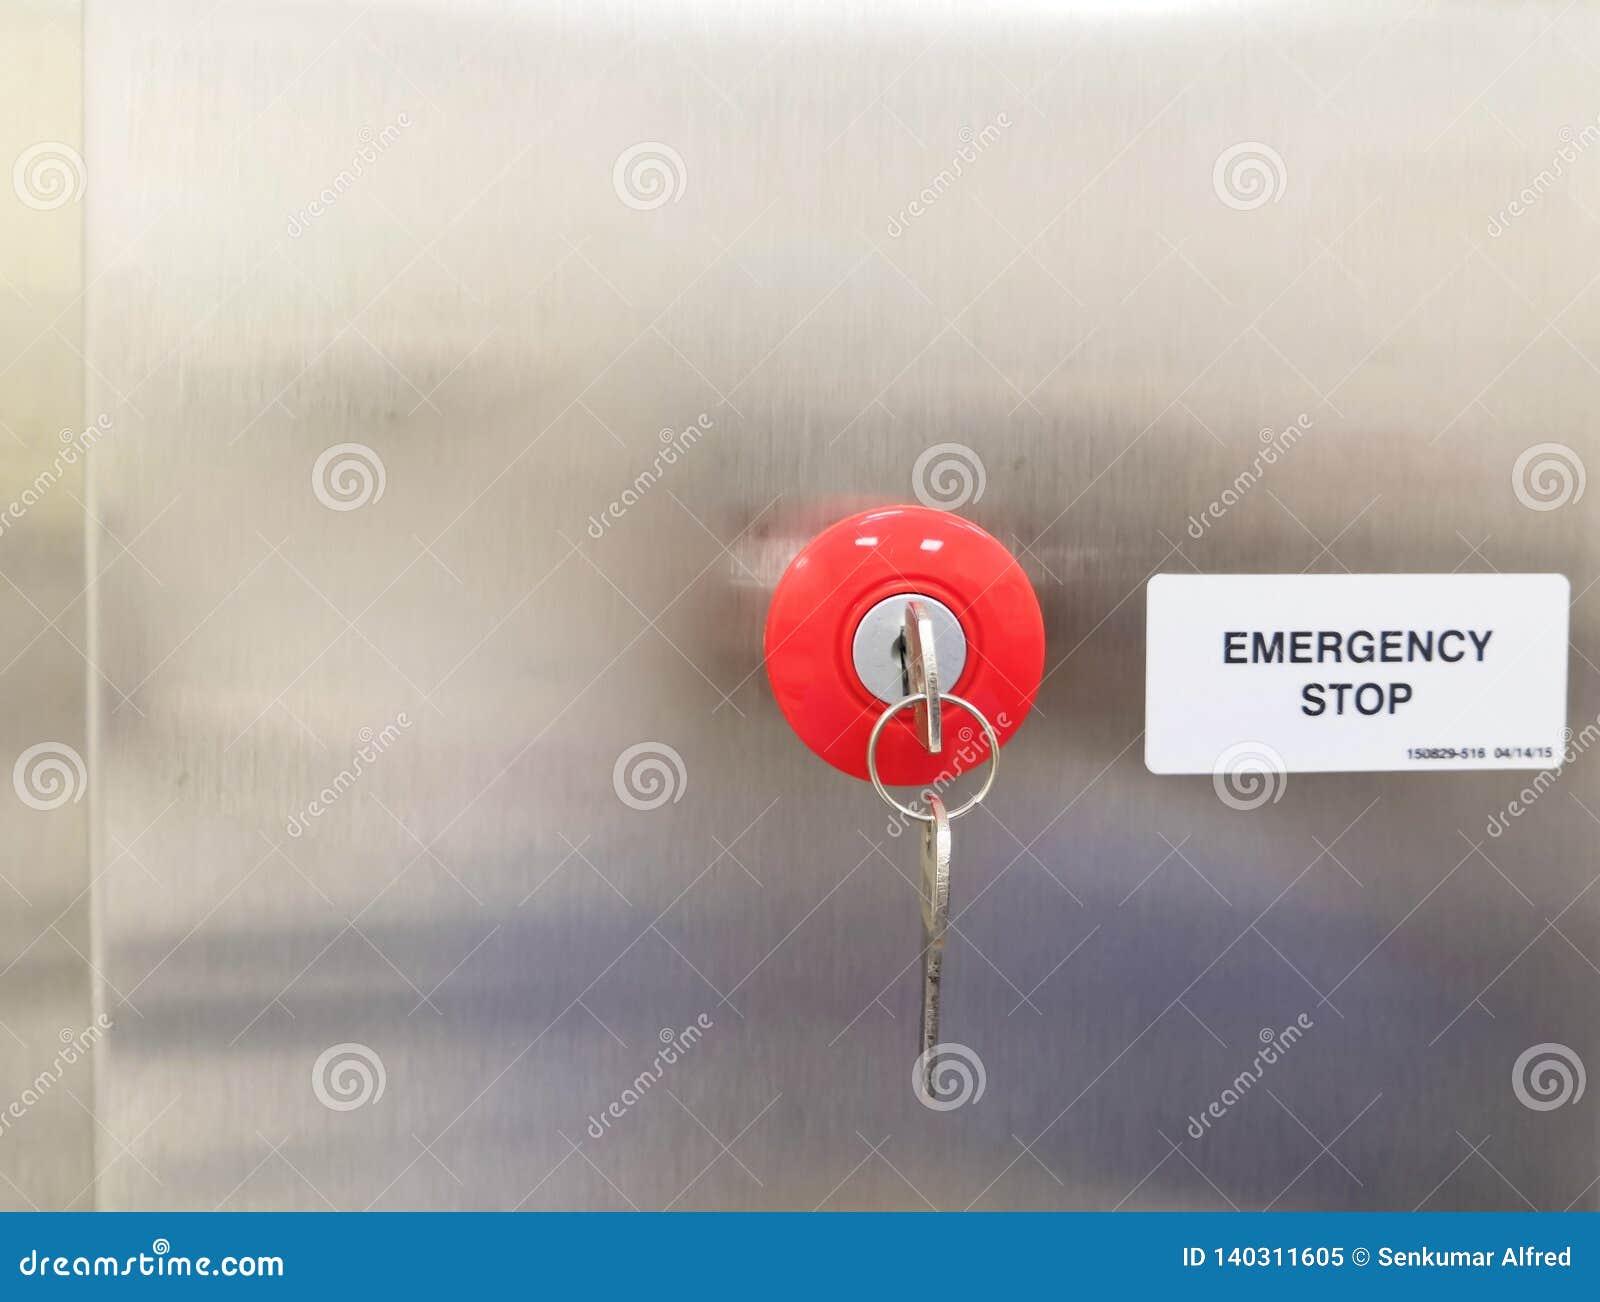 Emergency Shutdown Switch